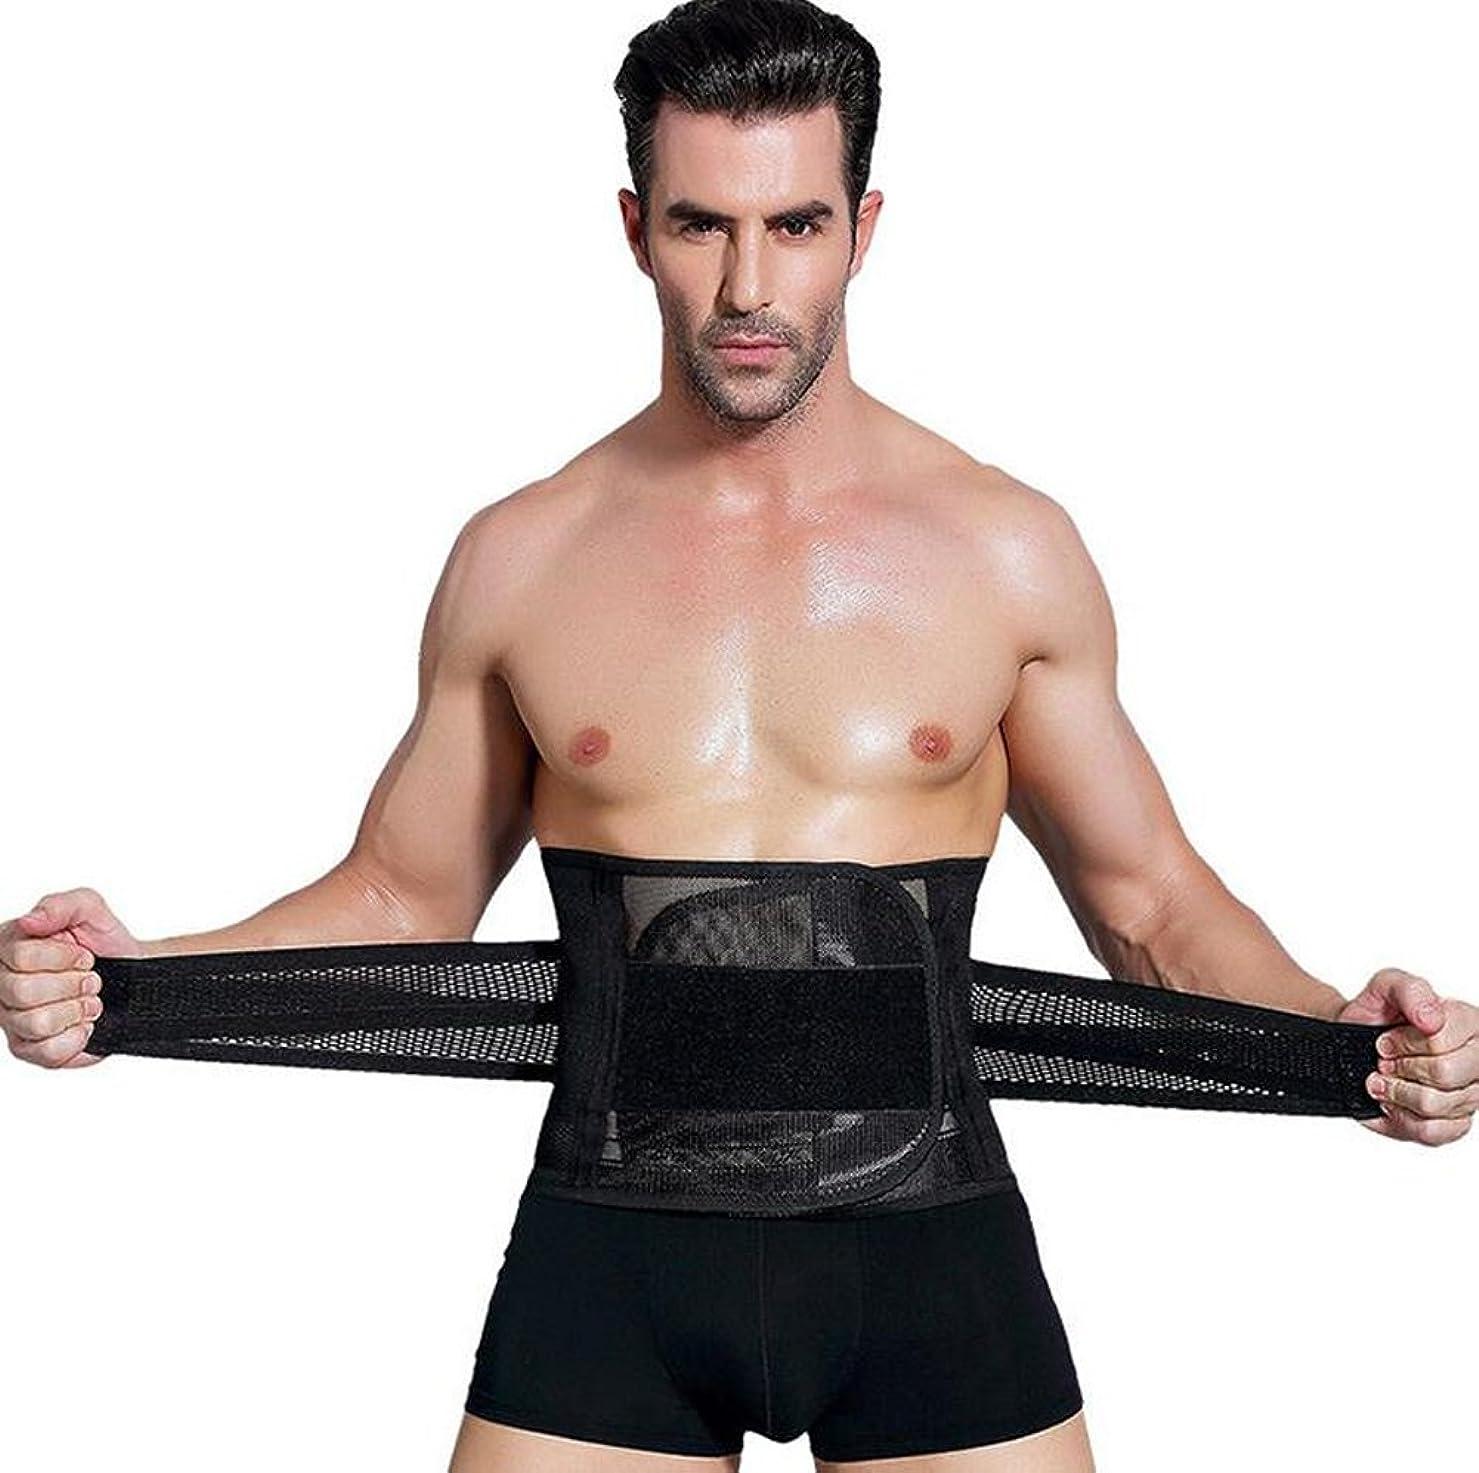 意義骨髄重要[RSWHYY] メンズ ウエストトリマーベルト 二重加圧 腰痛予防 腹巻 ダイエットベルト 姿勢矯正